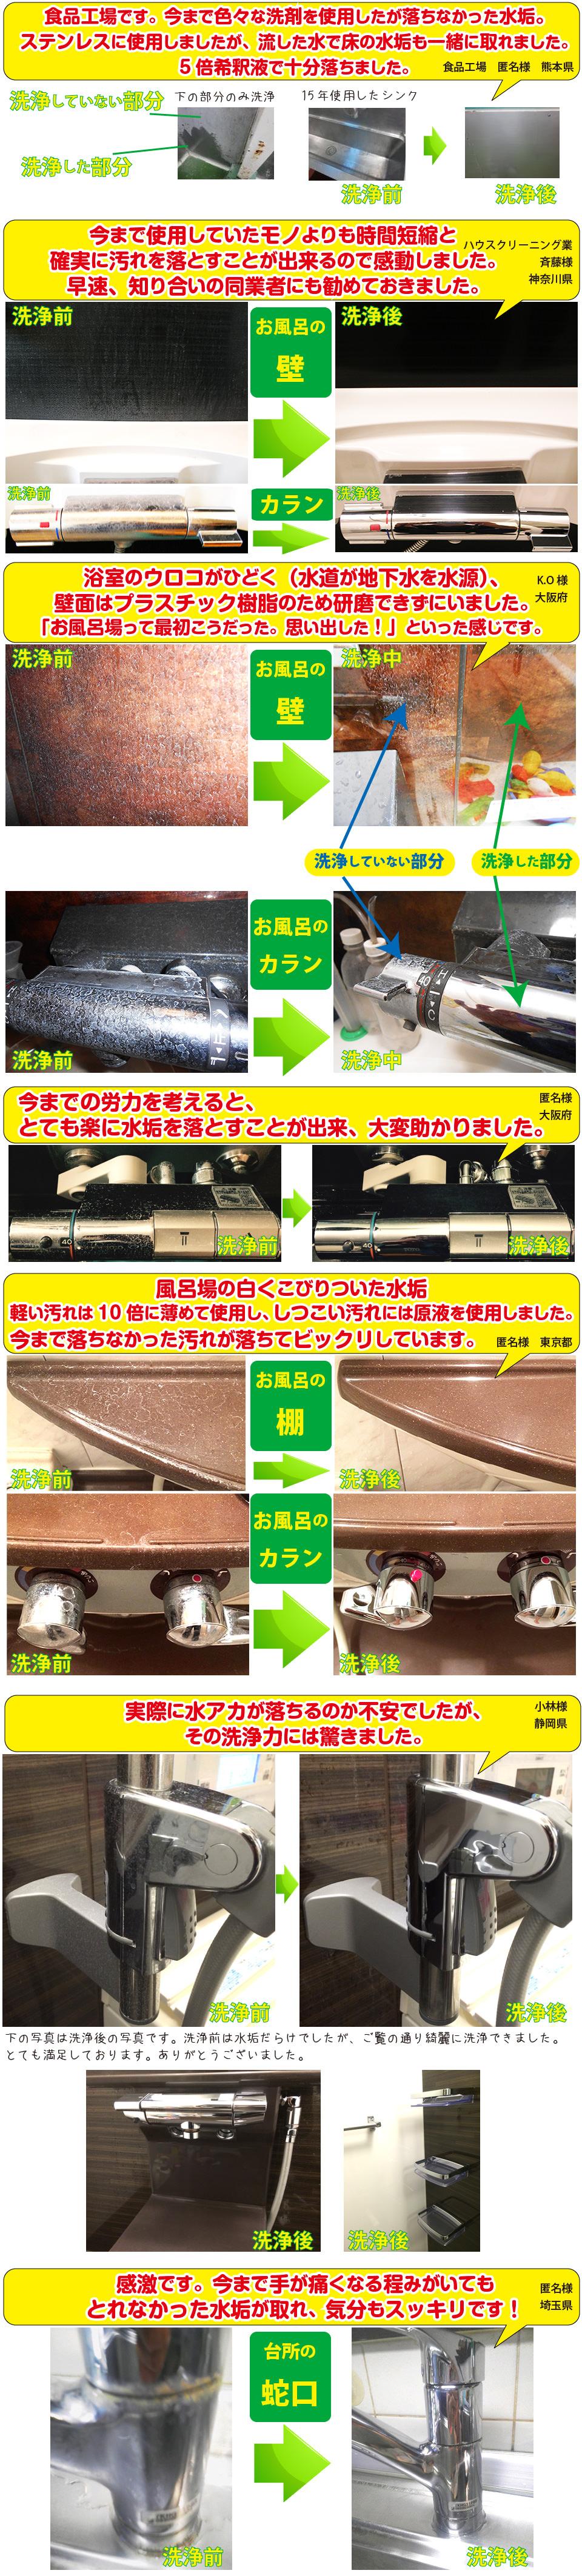 水垢除去効果が高い洗剤 テラクリーナーヤマトの口コミ評価